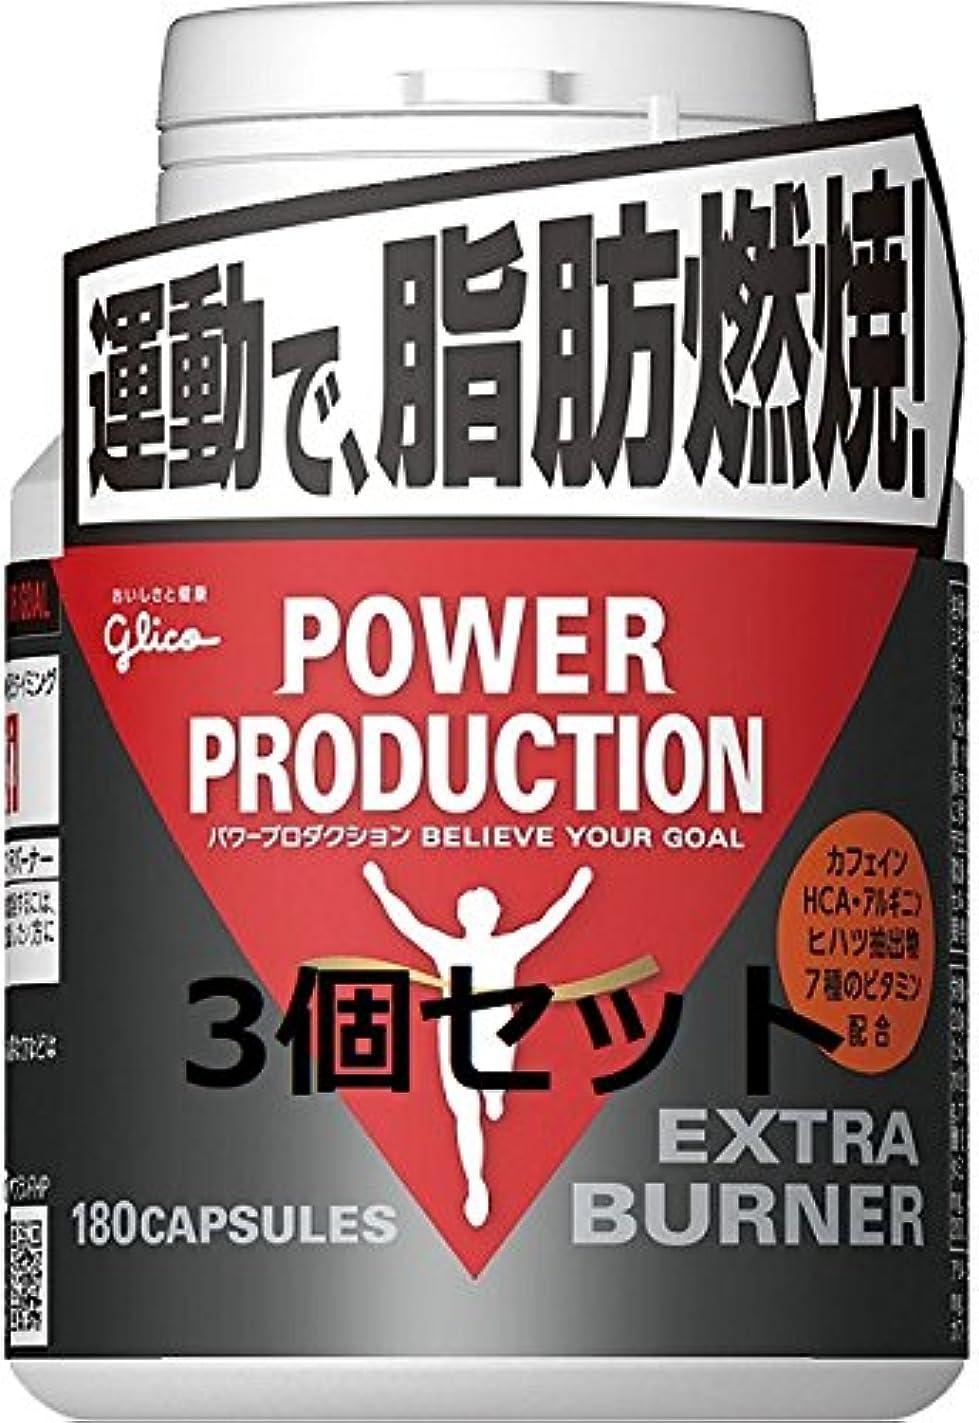 レースデュアル召集するグリコパワープロダクション エキストラバーナー 59.9g(お買い得3個セット)